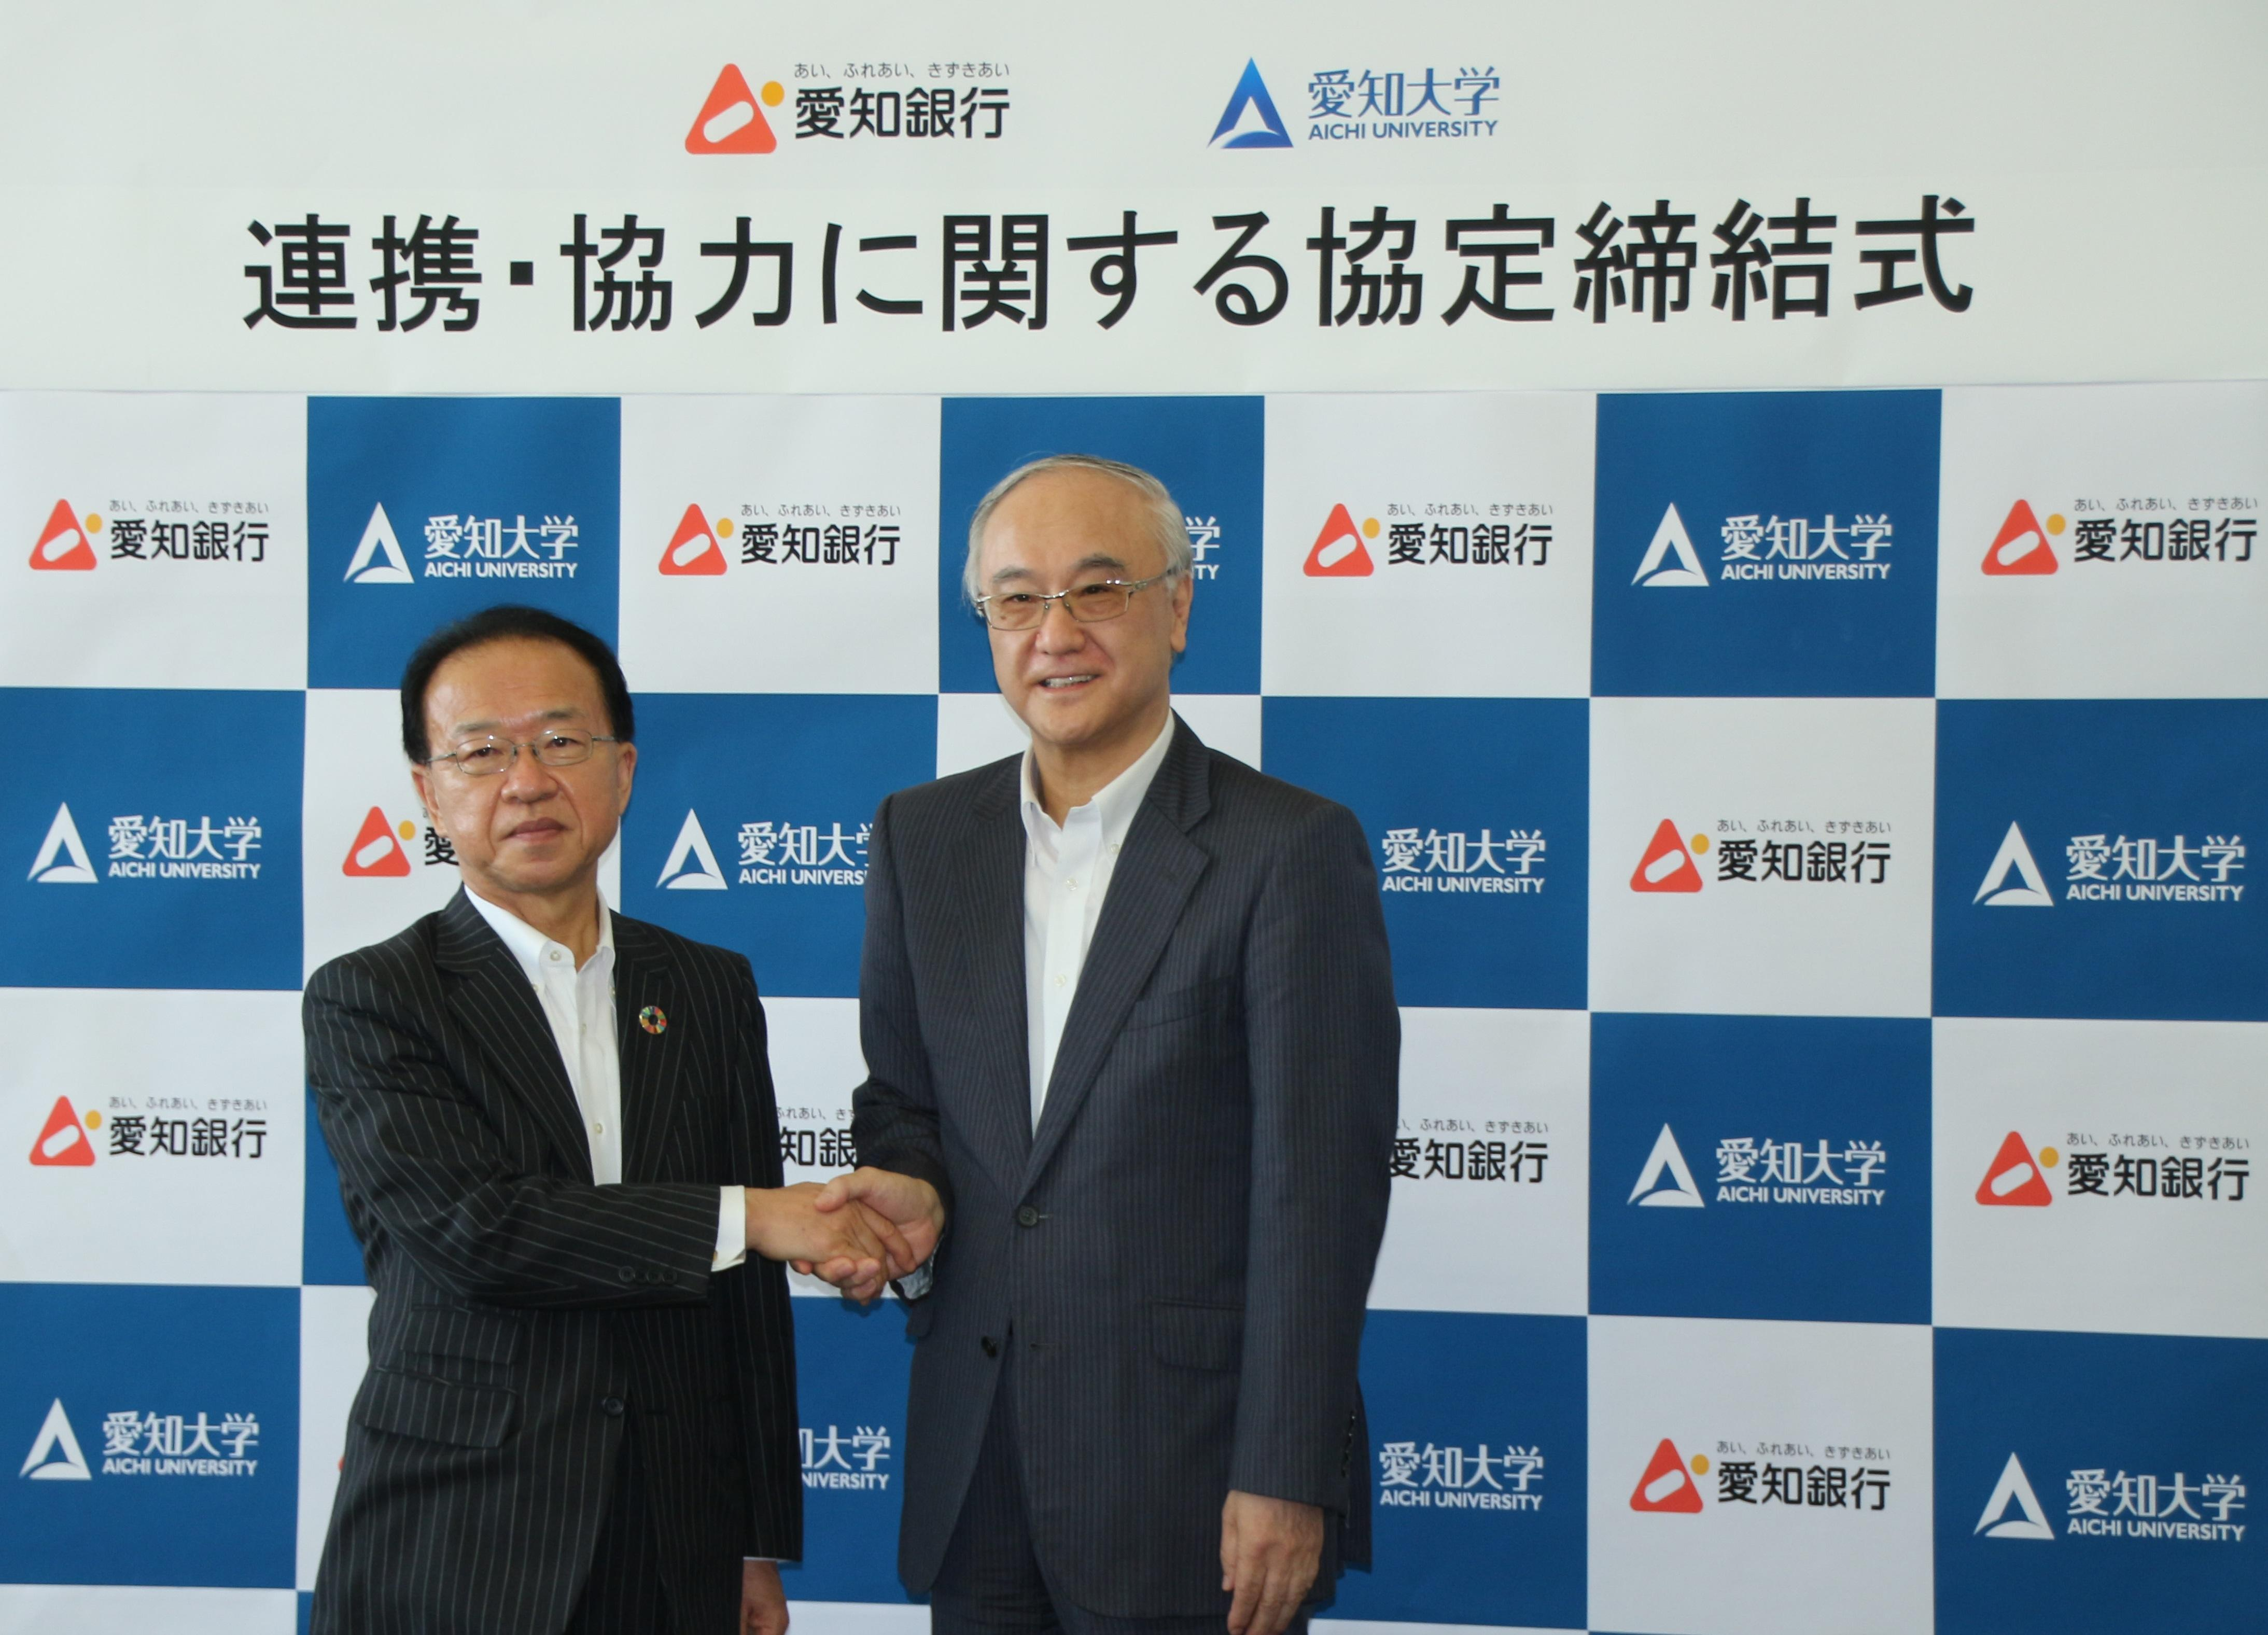 愛知大学と愛知銀行が連携・協力に関する協定を締結 -- 学生が同銀行顧客企業の事業に参加